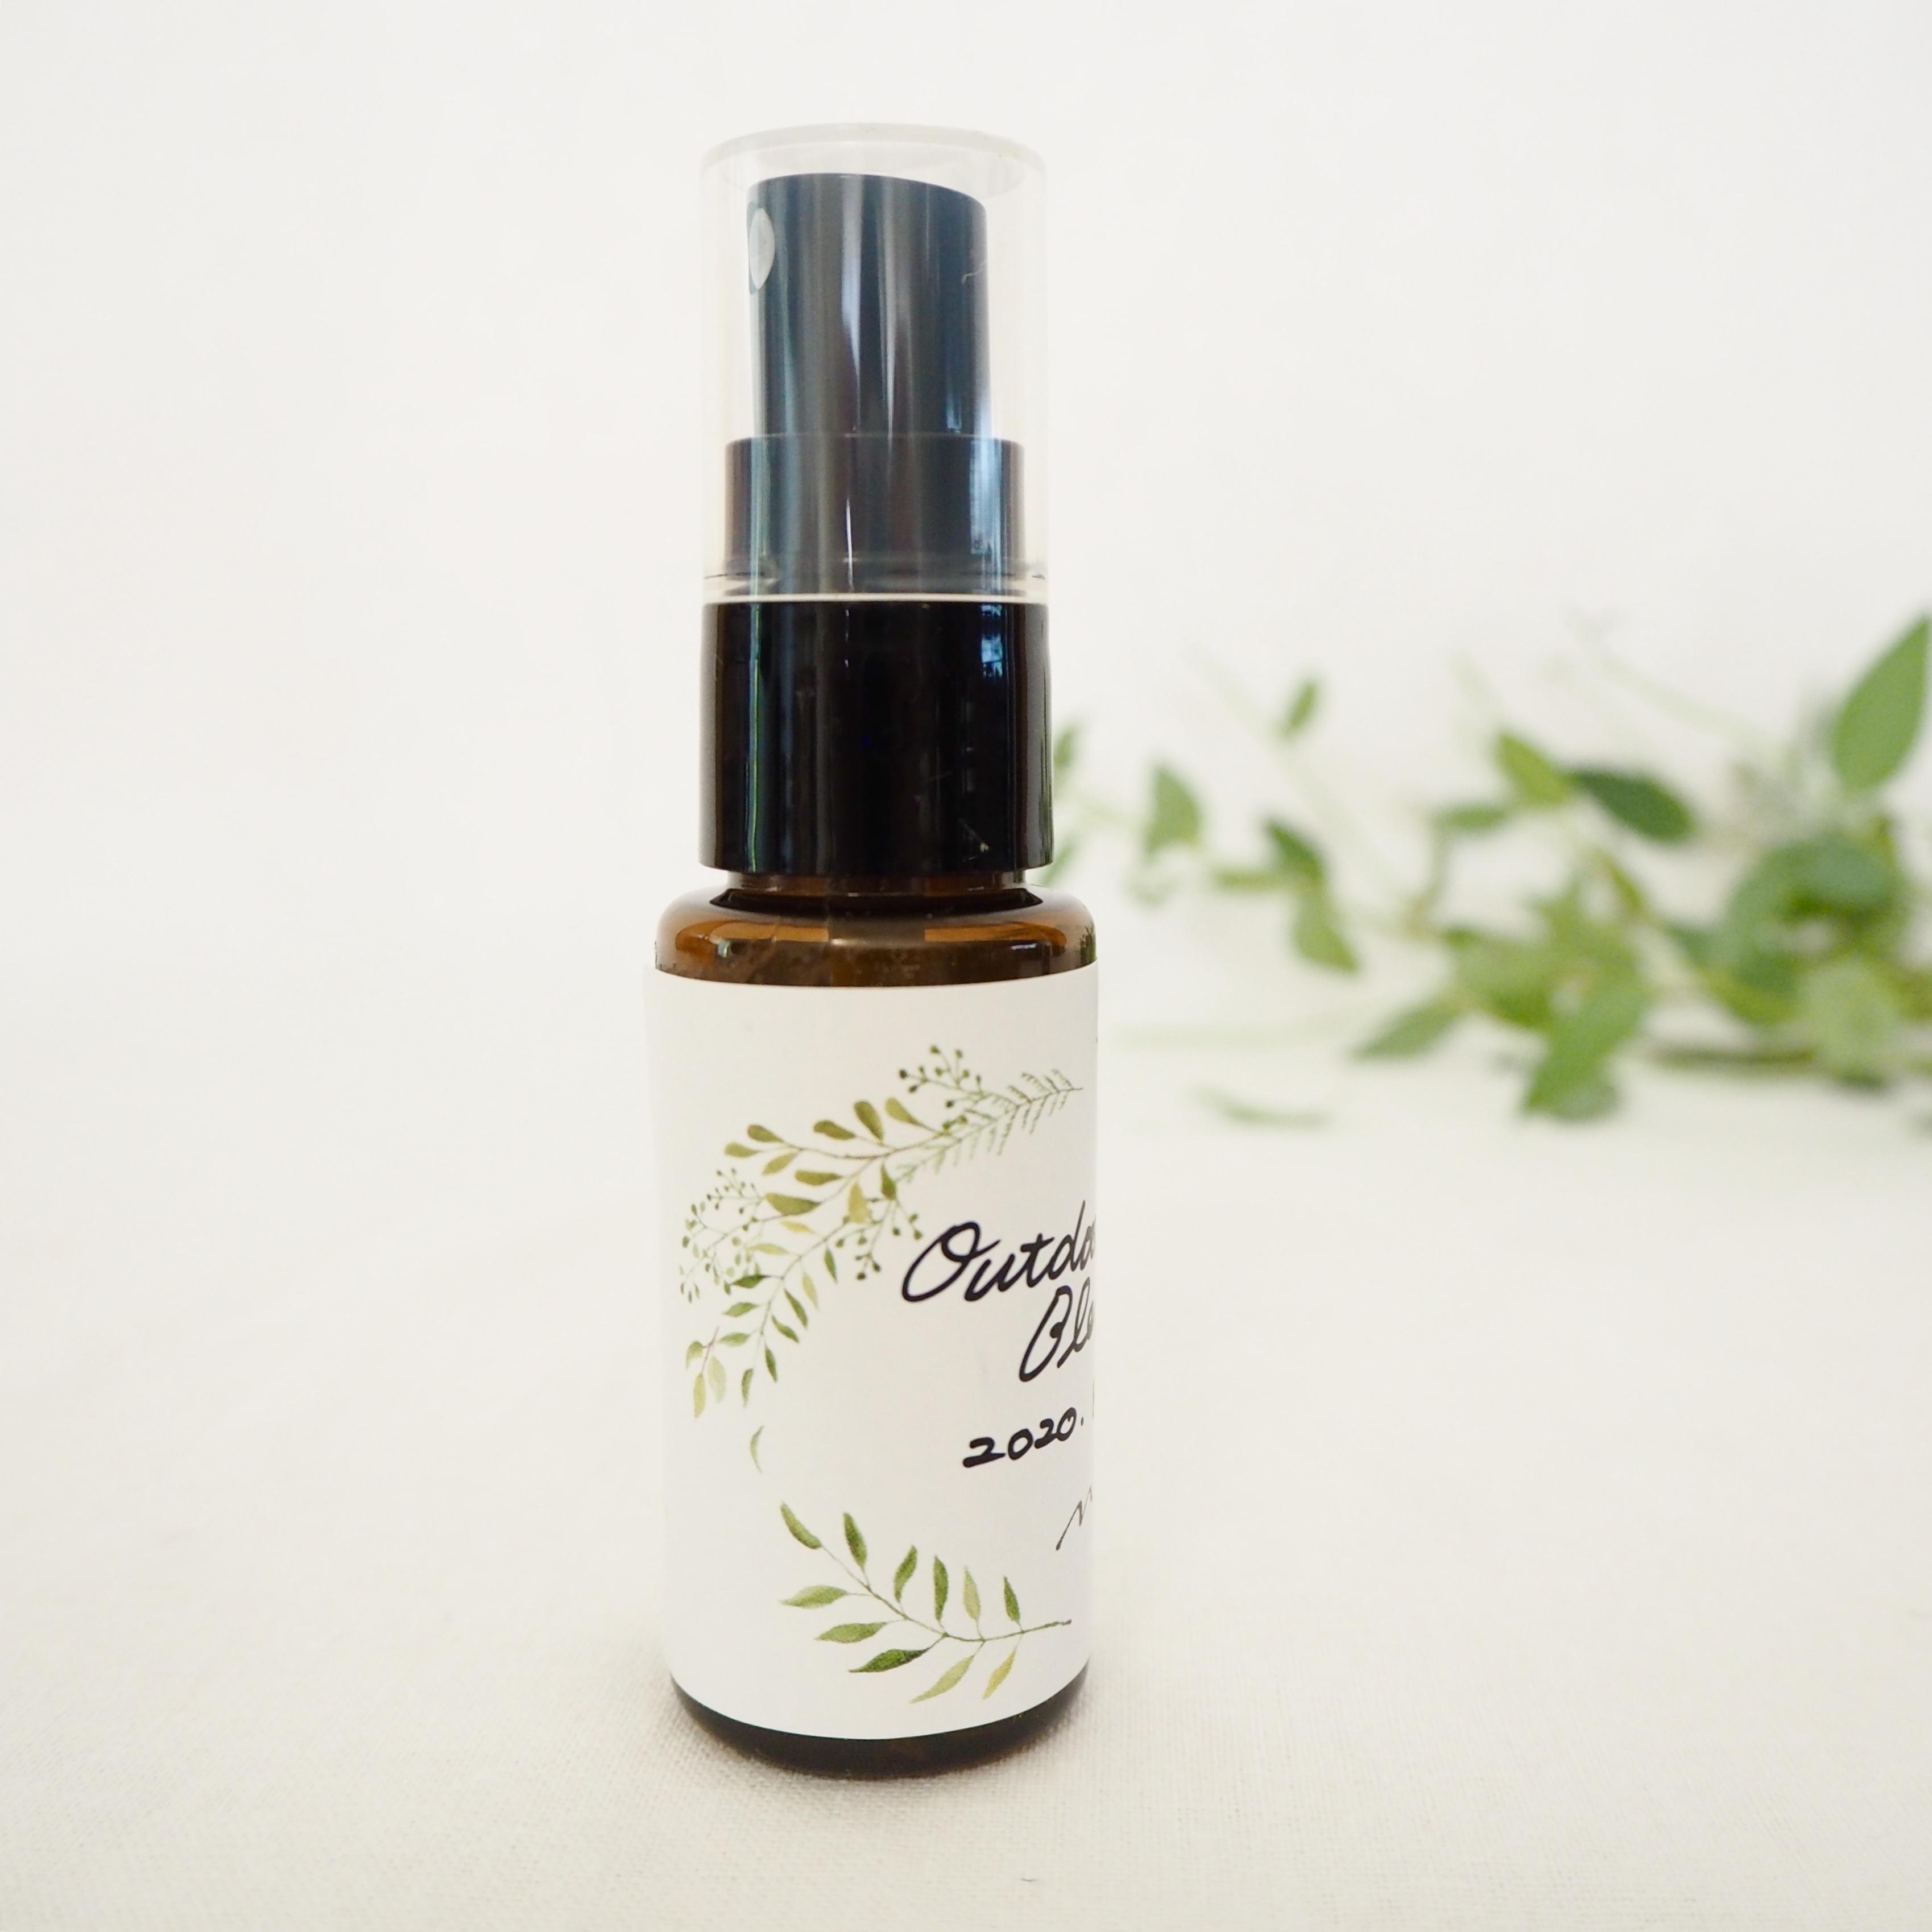 好きな精油をいれるだけ!エタノール 65% aroma nagi 無香料スプレー30mlと、精油のセット